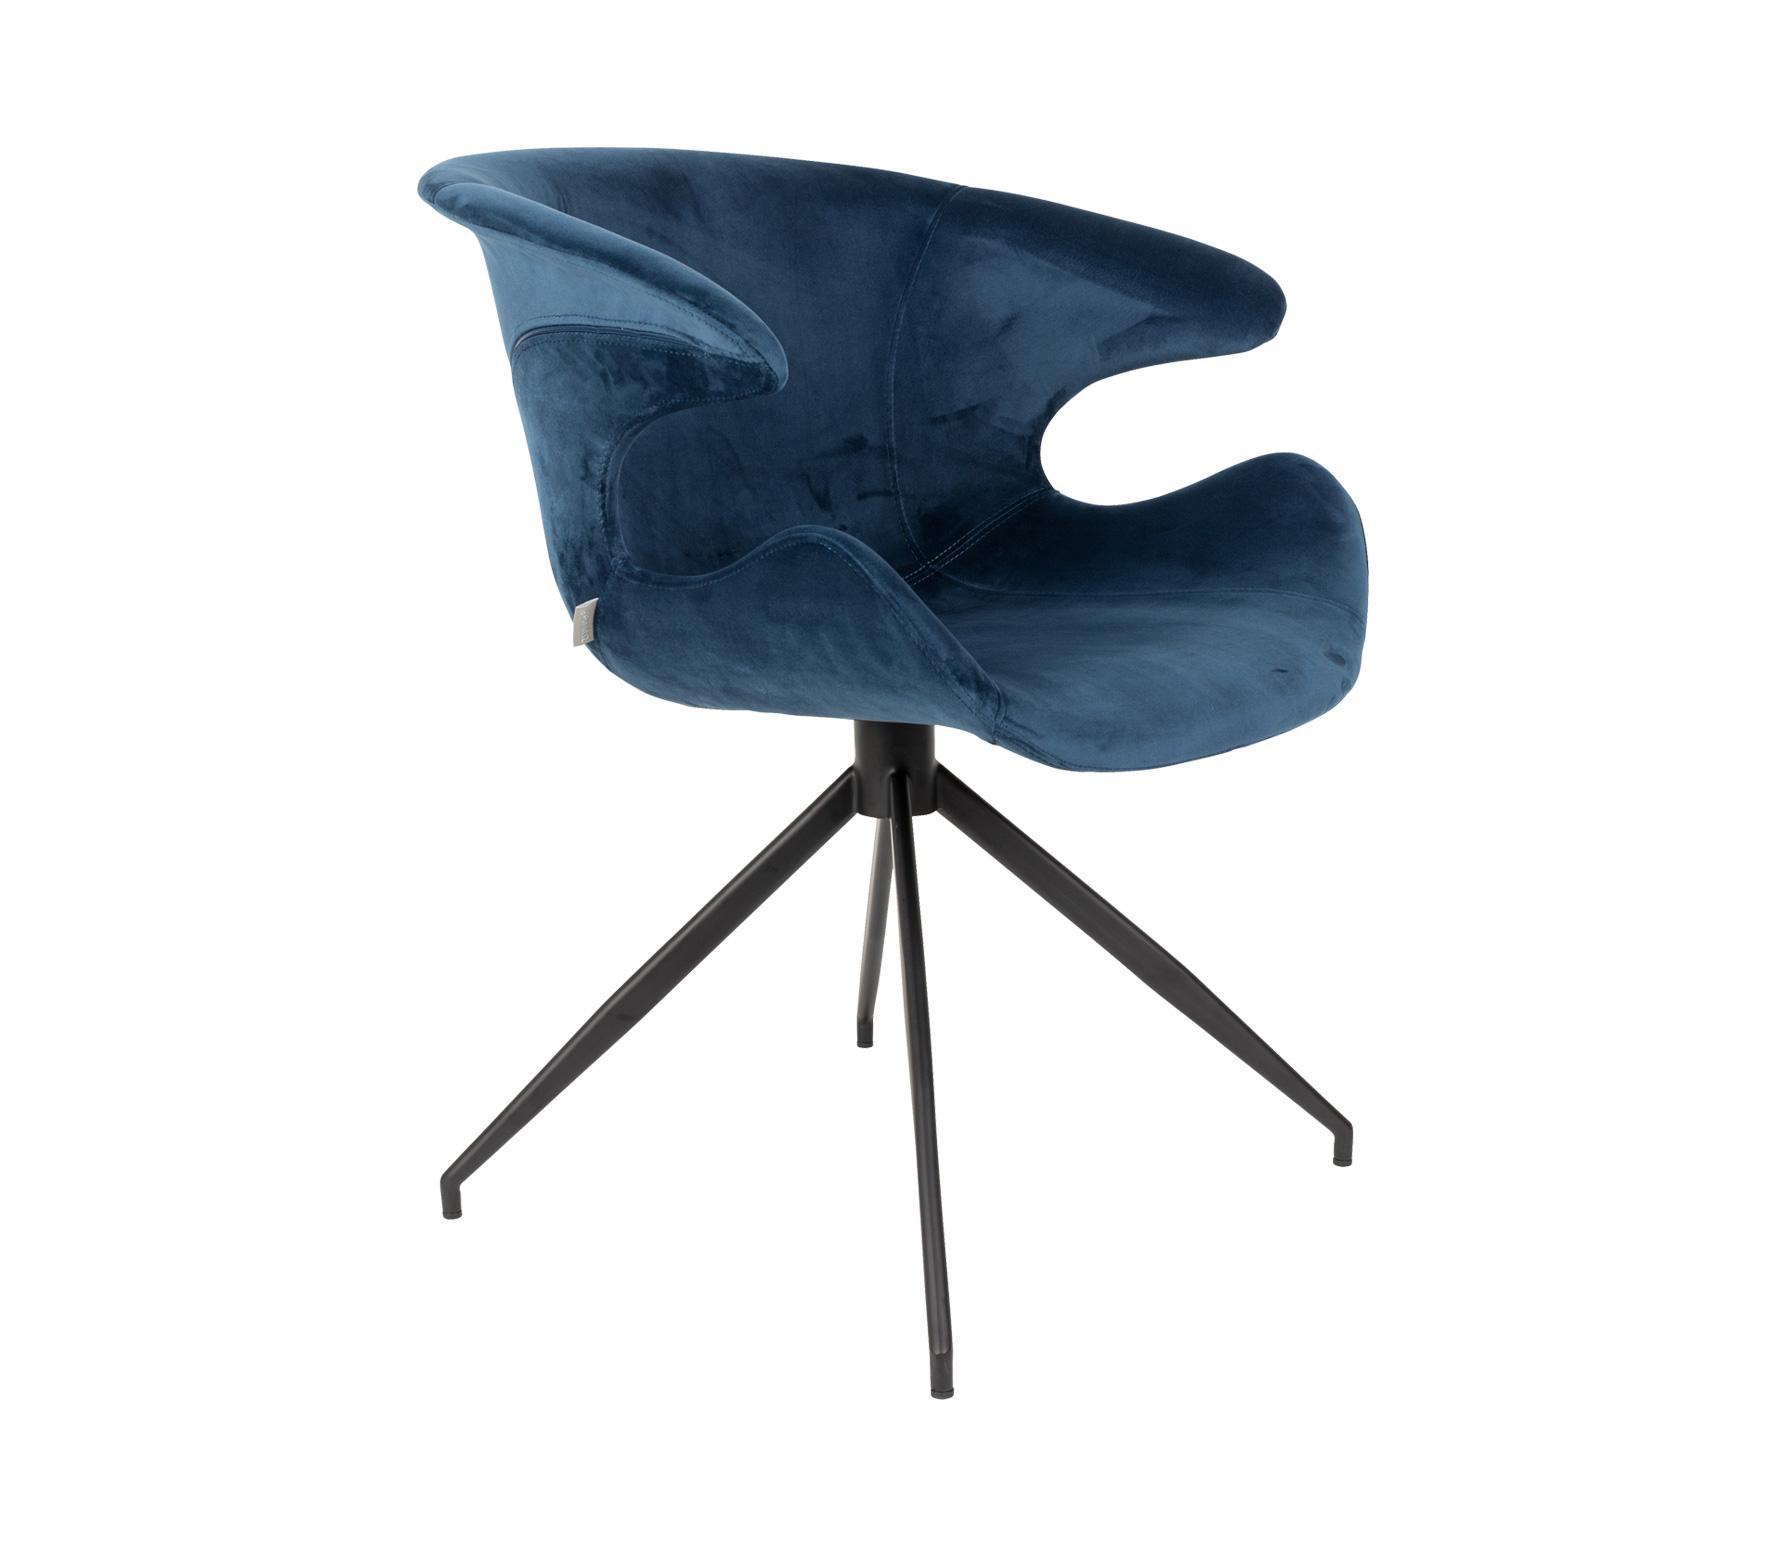 Zuiver Mia eetkamerstoel met armleuning blauw